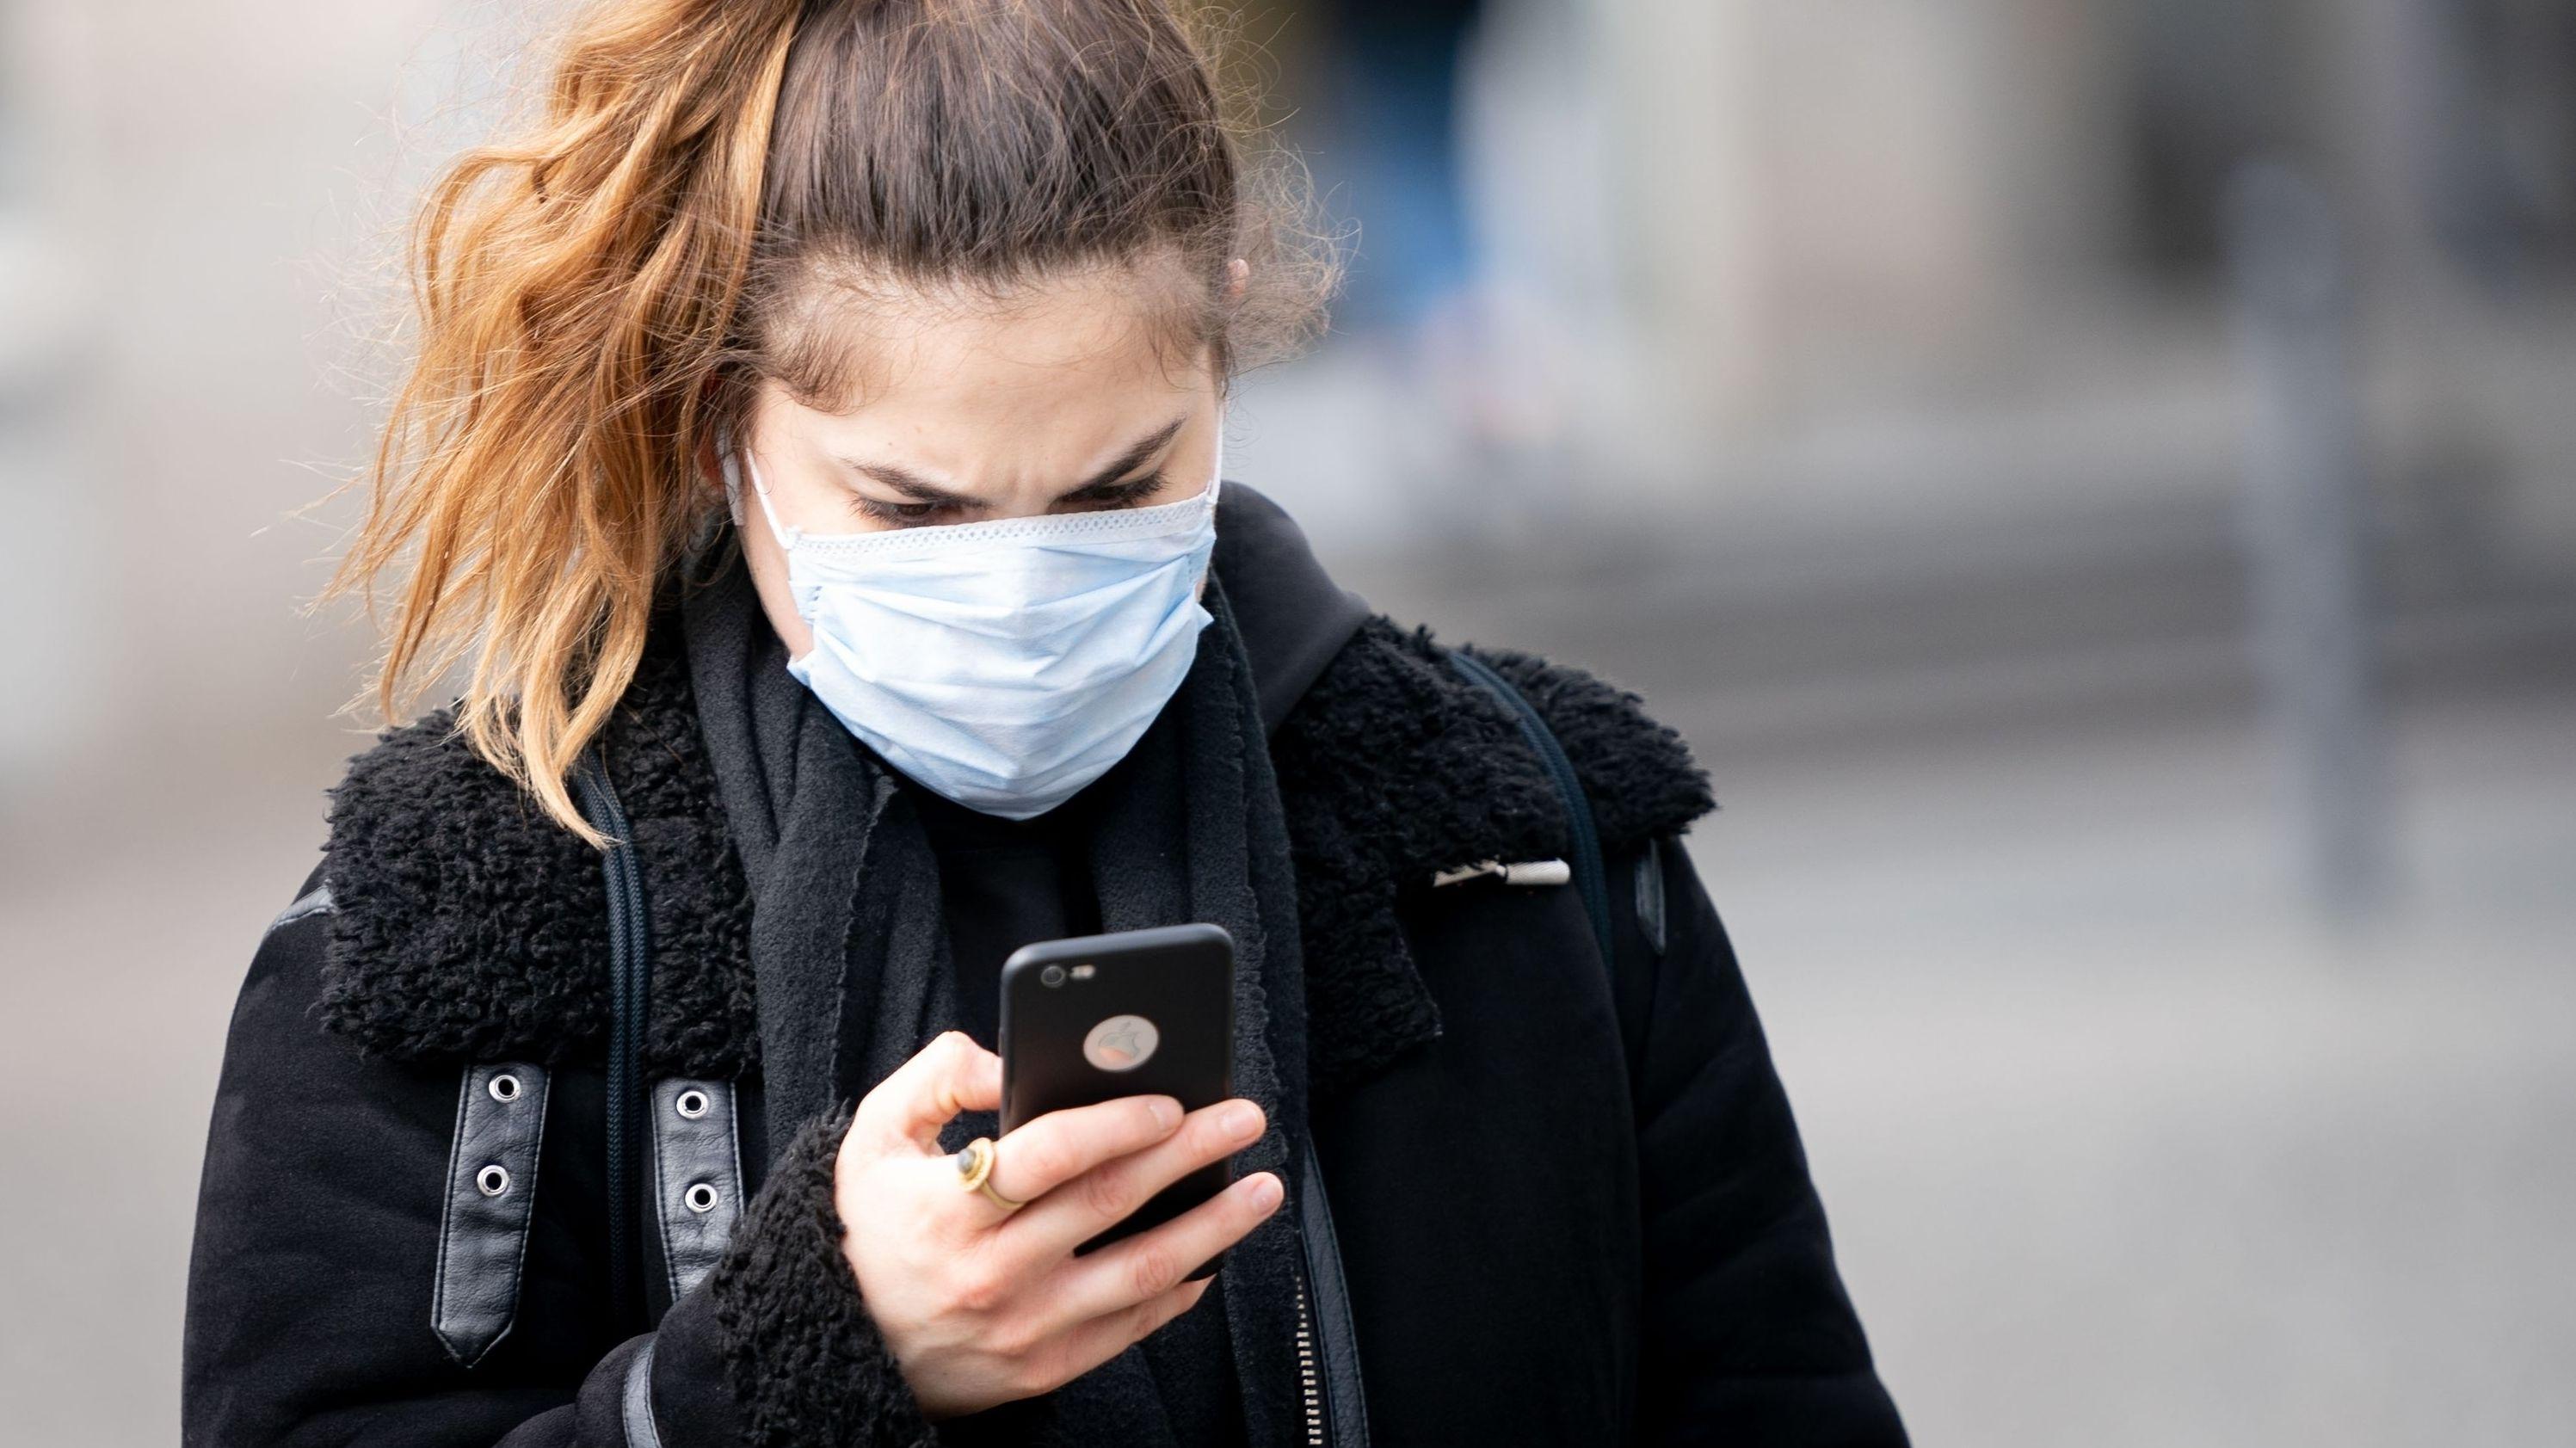 Eine Frau mit einer Mund-Nasen-Maske blickt auf ihr Smartphone.